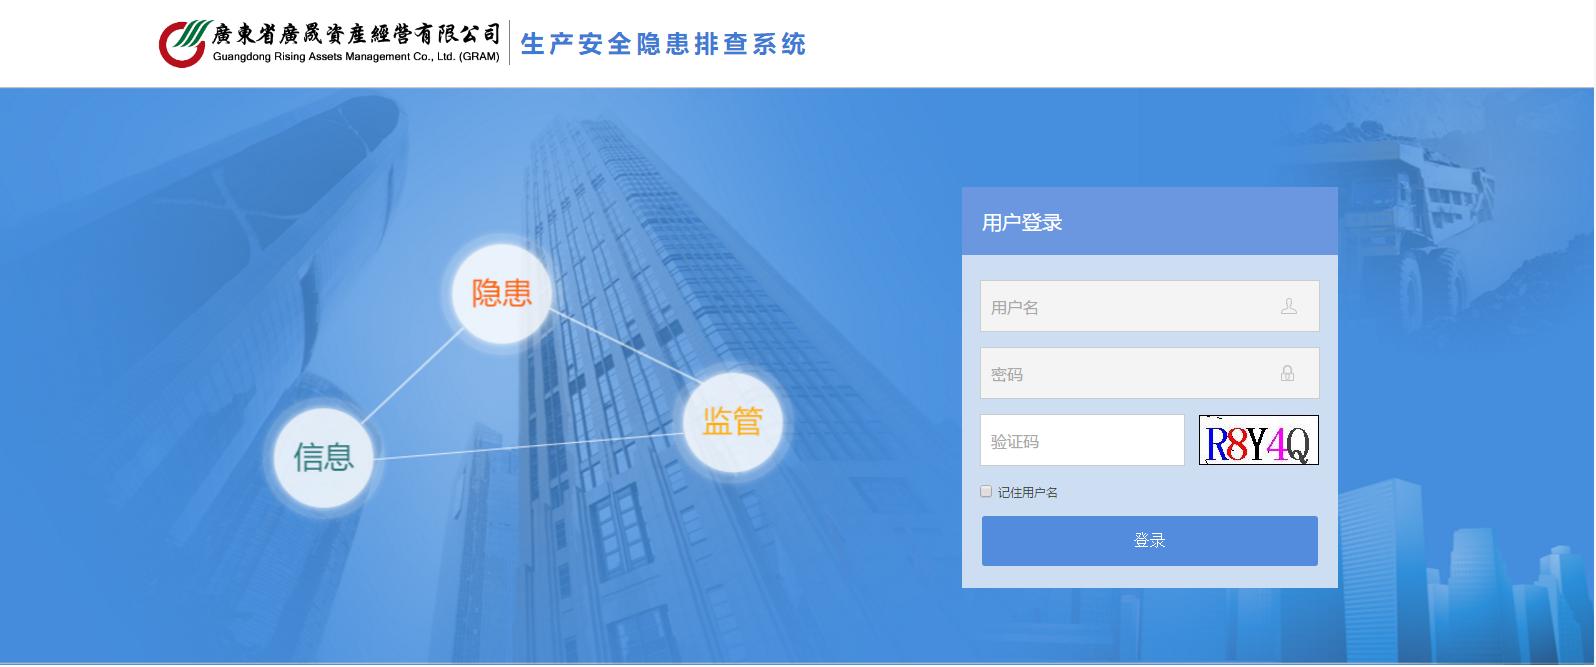 广晟集团安全生产隐患排查系统